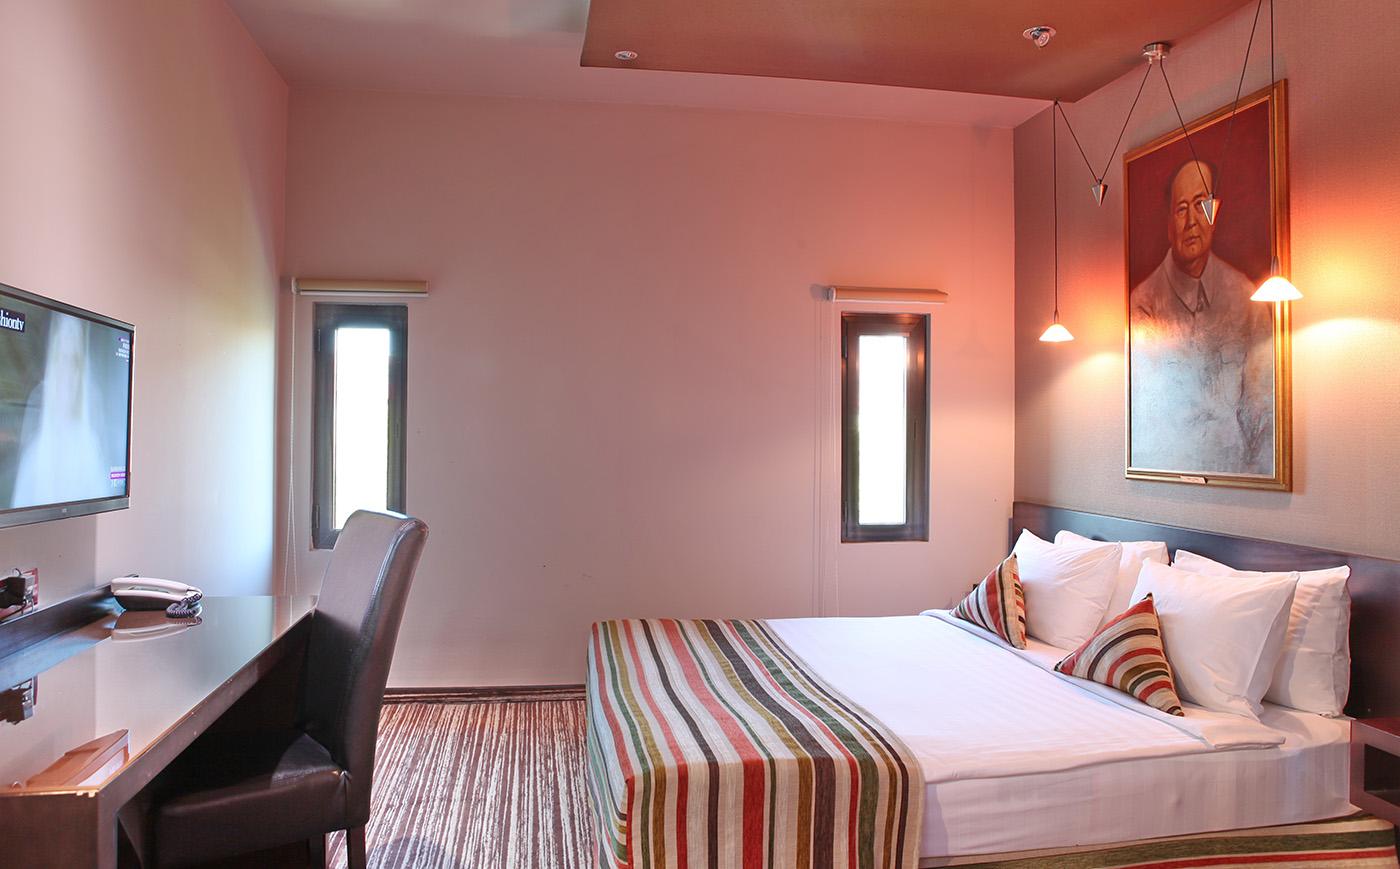 Soba 1 levelo podovi for Design hotel mr president karadjordjeva 75